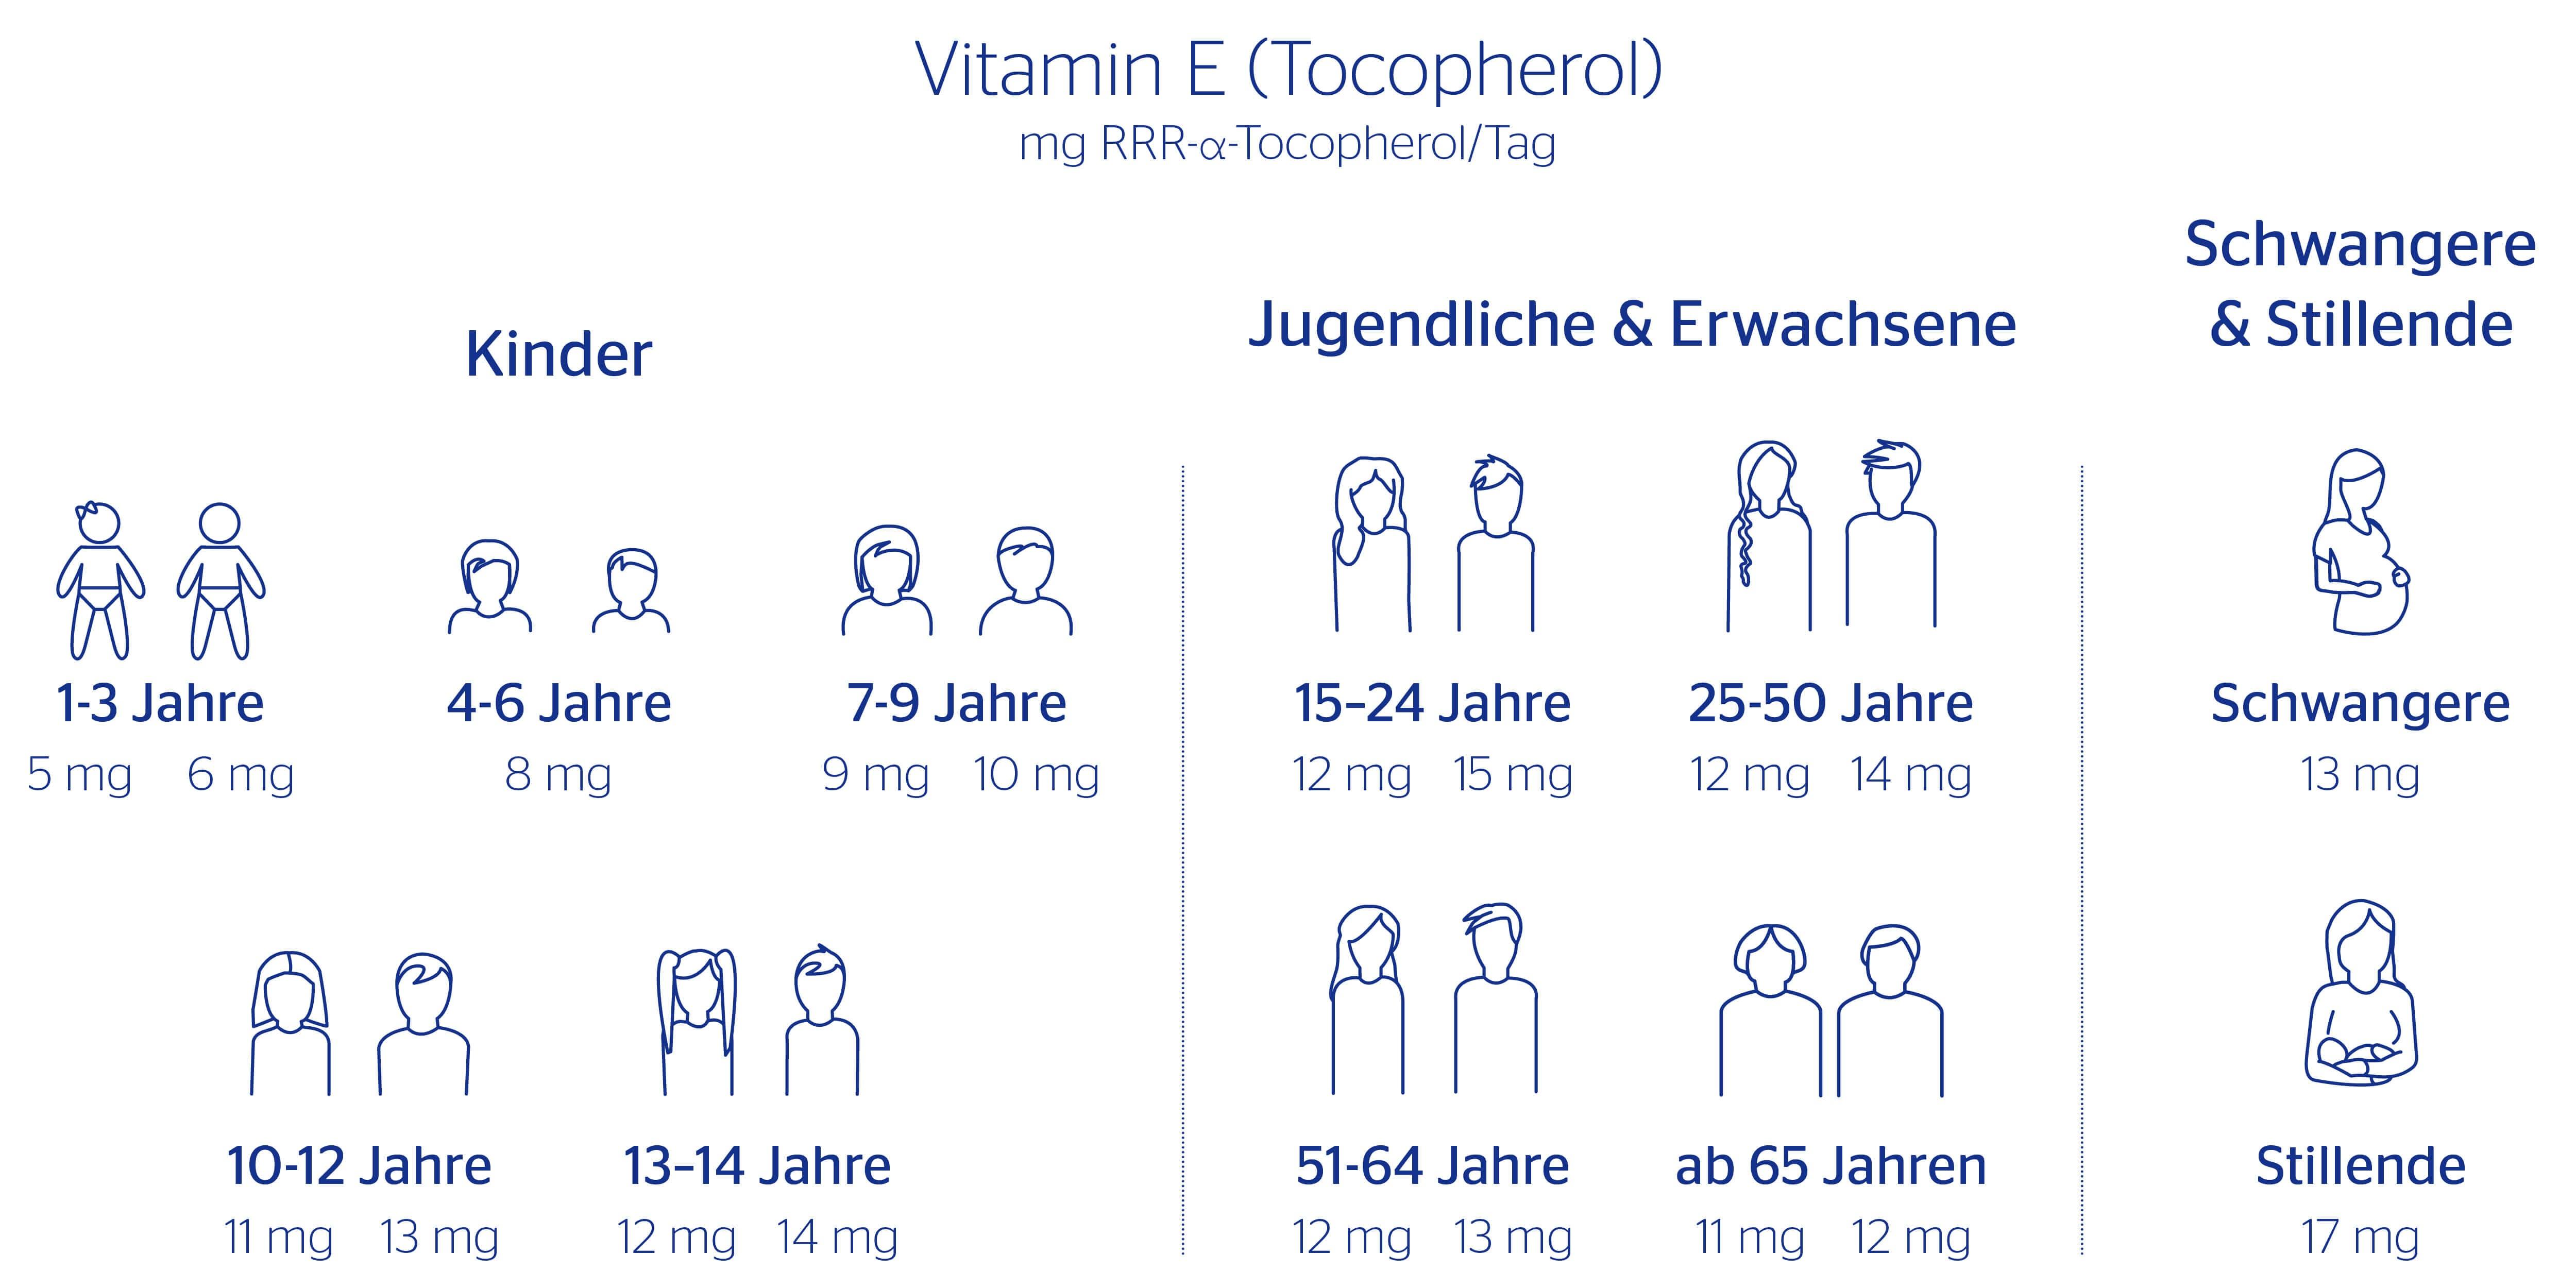 Vitamin E Bedarf von Kindern, Jugendlichen, Erwachsenen, erhöhter Bedarf bei Schwangeren und Stillenden